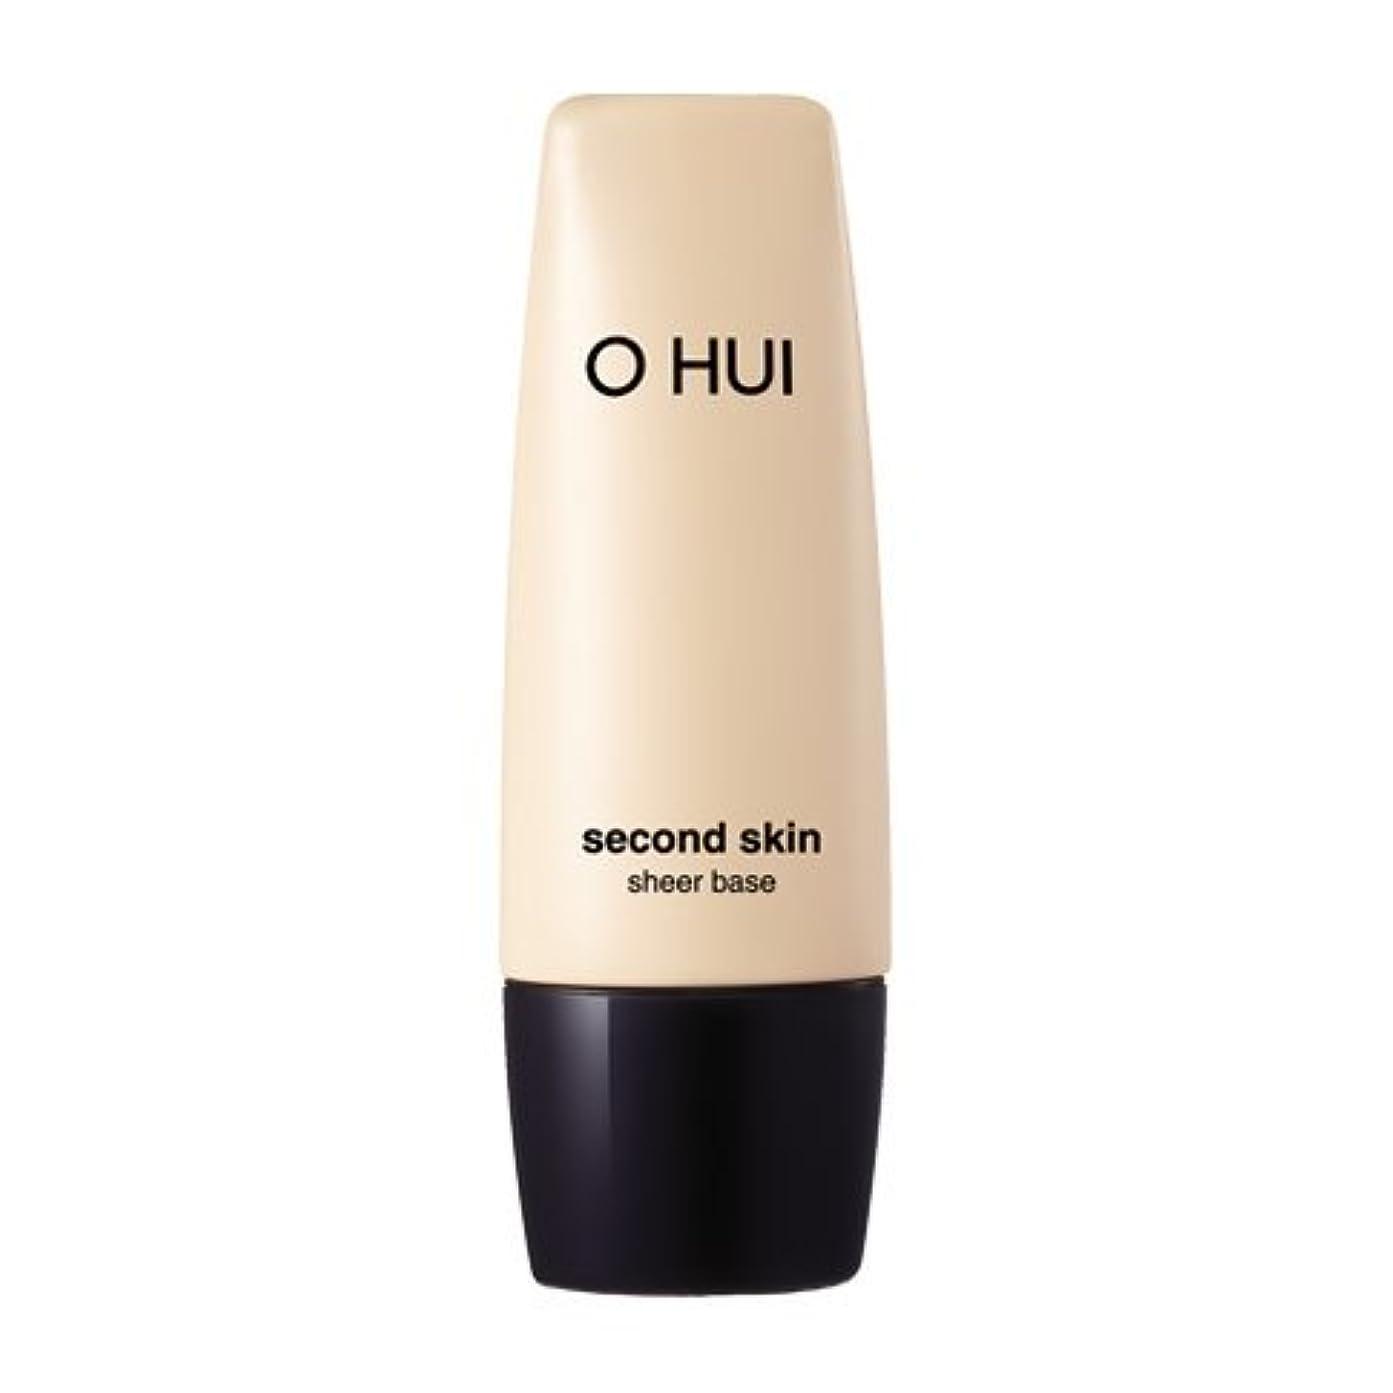 リルそれから音楽を聴くOHUI Second Skin Sheer Base 40ml/オフィ セカンド スキン シア ベース 40ml